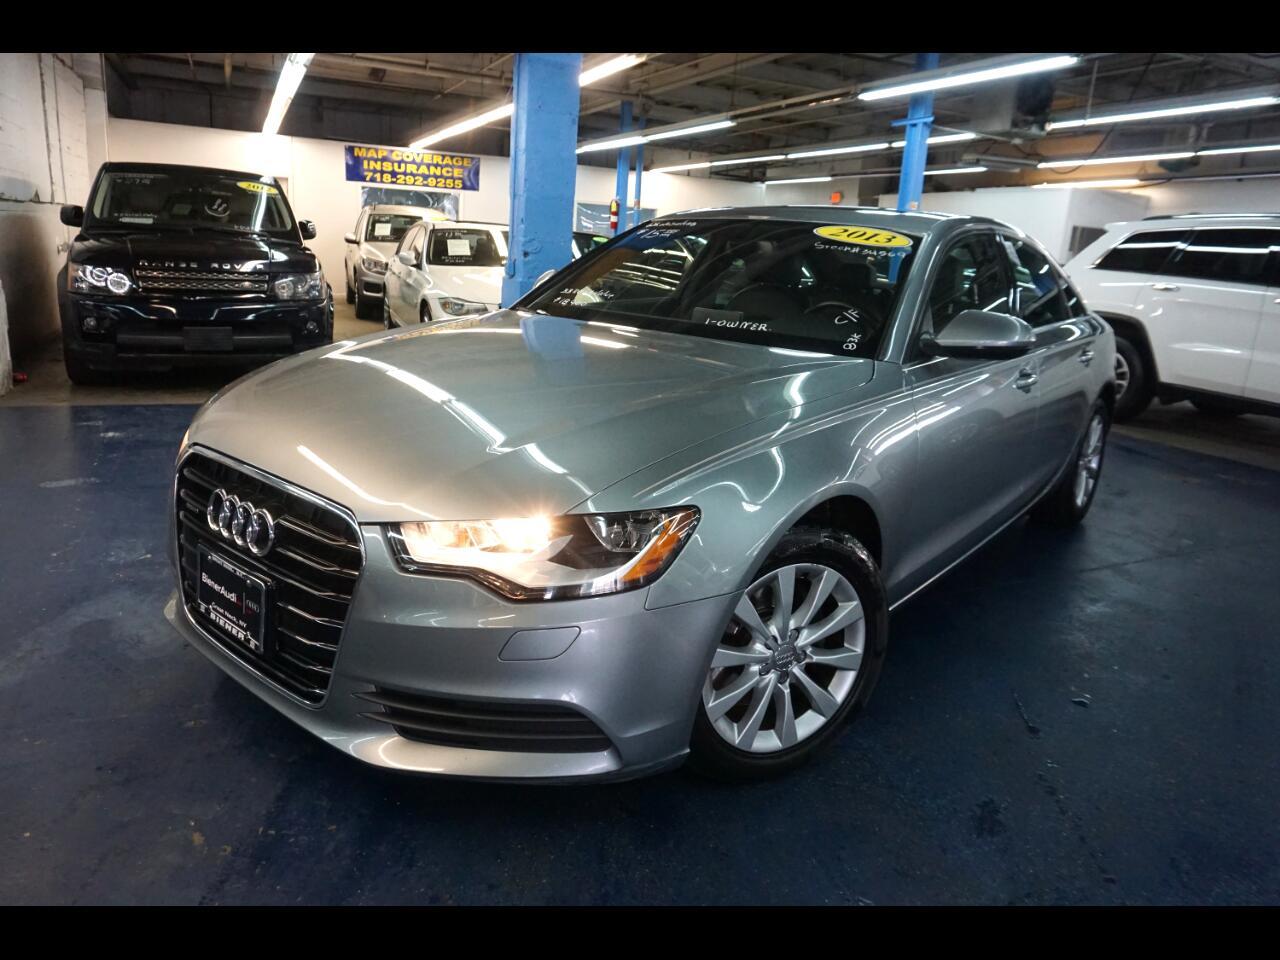 2013 Audi A6 4dr Sdn quattro 2.0T Premium